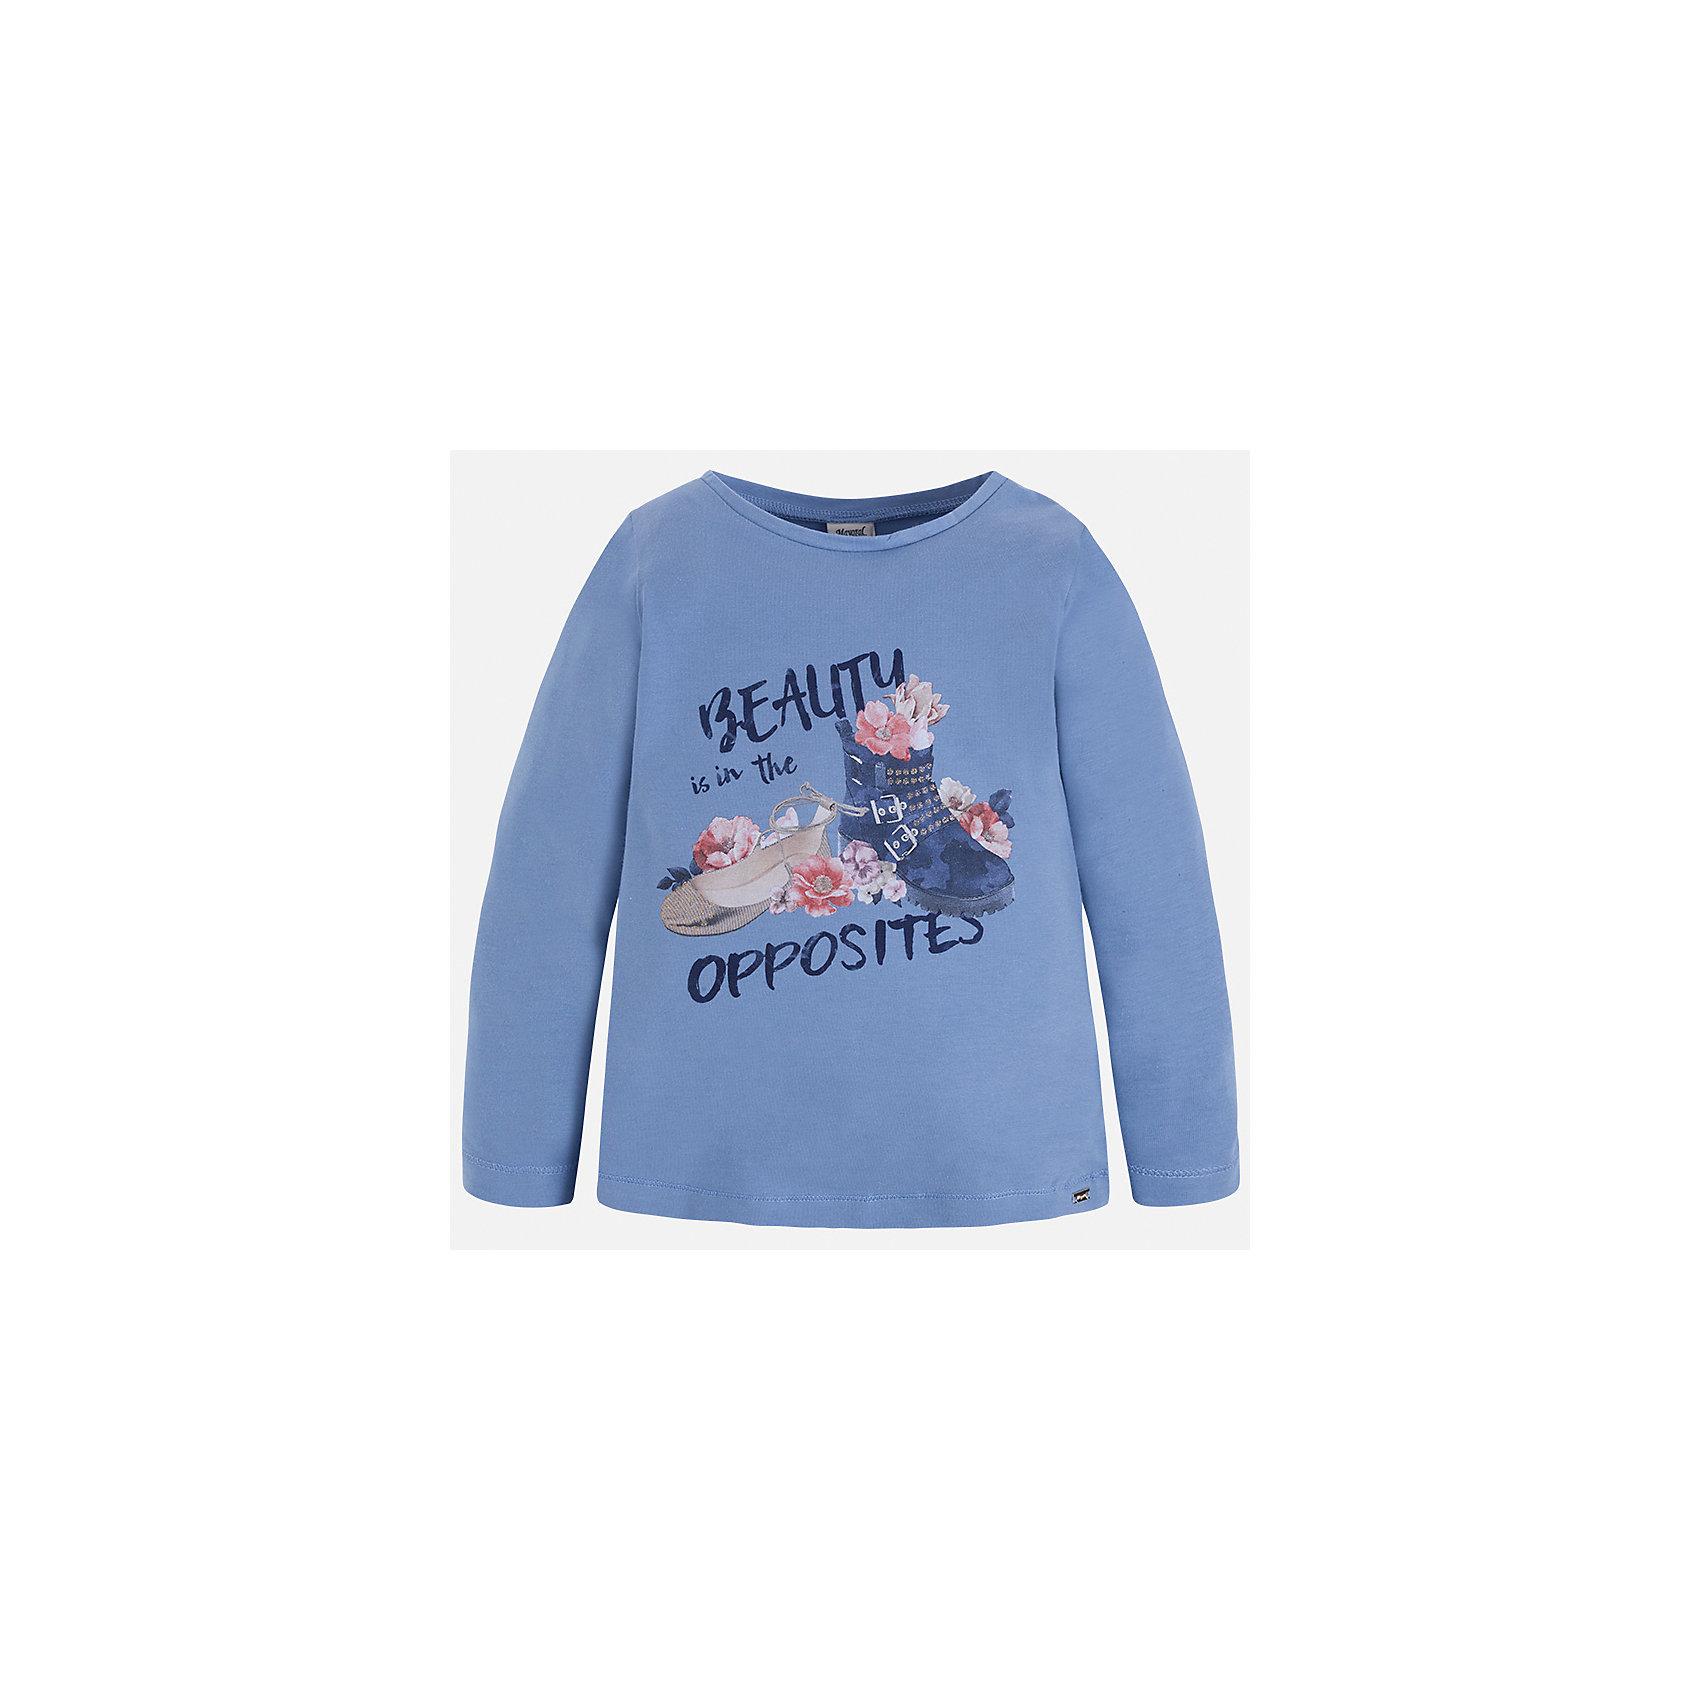 Футболка с длинным рукавом Mayoral для девочкиФутболки с длинным рукавом<br>Характеристики товара:<br><br>• цвет: сиреневый<br>• состав ткани: 95% хлопок, 5% эластан<br>• сезон: круглый год<br>• длинные рукава<br>• страна бренда: Испания<br>• страна изготовитель: Индия<br><br>Сиреневая футболка от Майорал - это пример отличного вкуса. Она хорошо сочетается с другими демократичными вещами. Эта принтованная футболка с длинным рукавом обеспечит девочке комфорт и модный внешний вид. <br><br>В одежде от испанской компании Майорал ребенок будет выглядеть модно, а чувствовать себя - комфортно. Целая команда европейских талантливых дизайнеров работает над созданием стильных и оригинальных моделей одежды.<br><br>Футболку с длинным рукавом для девочки Mayoral (Майорал) можно купить в нашем интернет-магазине.<br><br>Ширина мм: 230<br>Глубина мм: 40<br>Высота мм: 220<br>Вес г: 250<br>Цвет: лиловый<br>Возраст от месяцев: 36<br>Возраст до месяцев: 48<br>Пол: Женский<br>Возраст: Детский<br>Размер: 104,110,116,122,128,134,92,98<br>SKU: 6923919